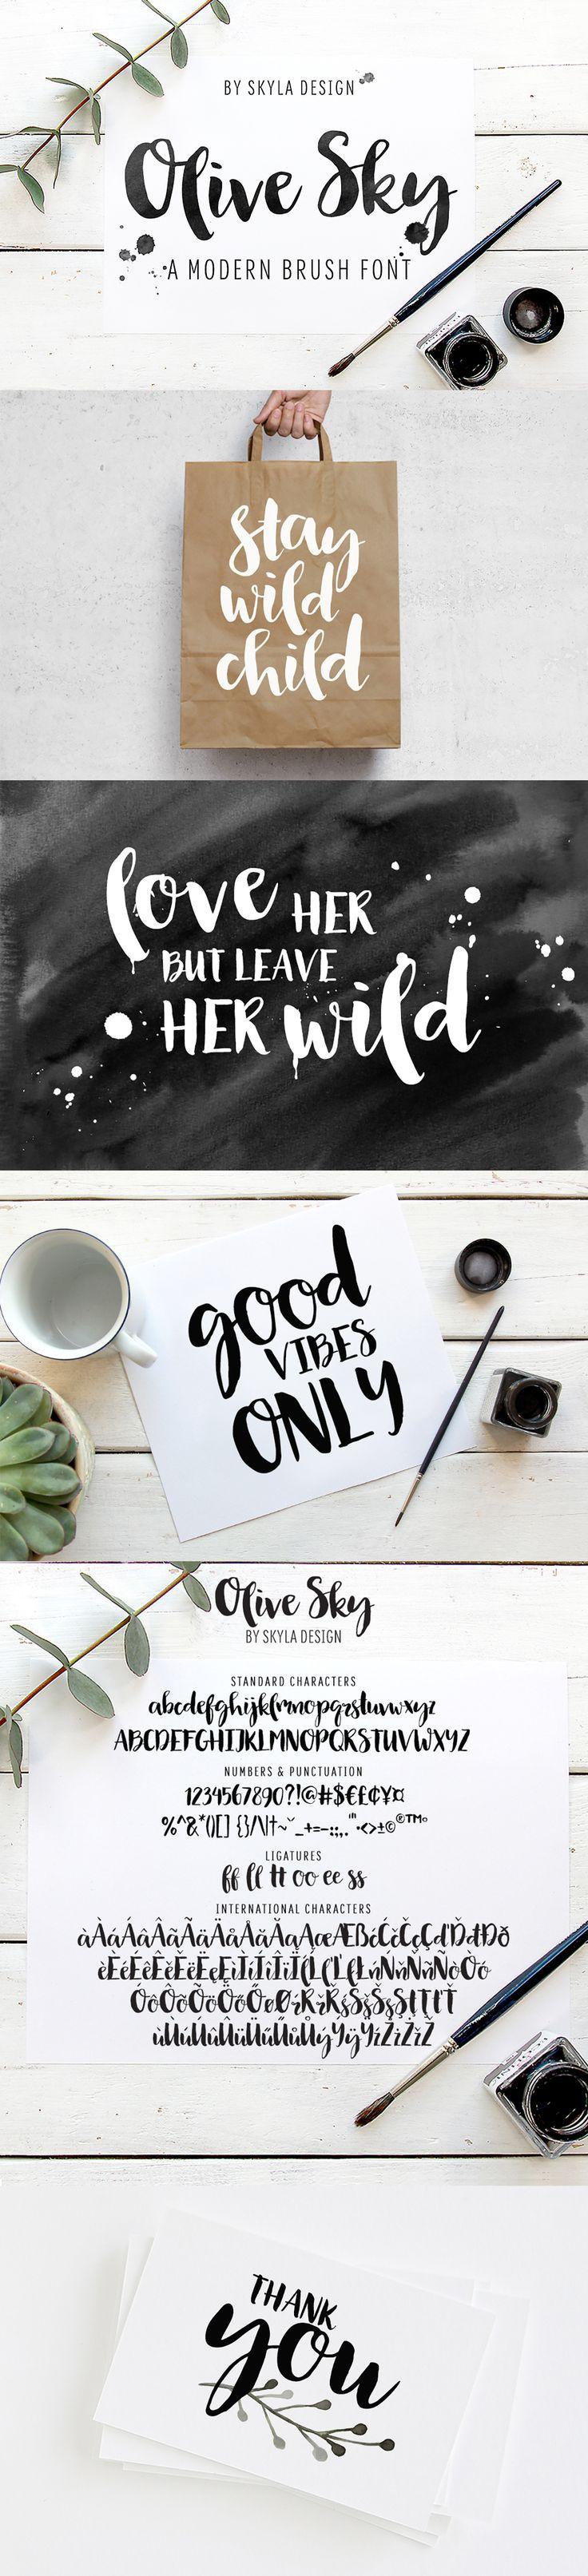 GOOD VIBES ONLY ___ Lettering inspiration... ♧ Modern brush font - Olive Sky by skyladesign on @creativemarket #brushfont #modernbrushfont